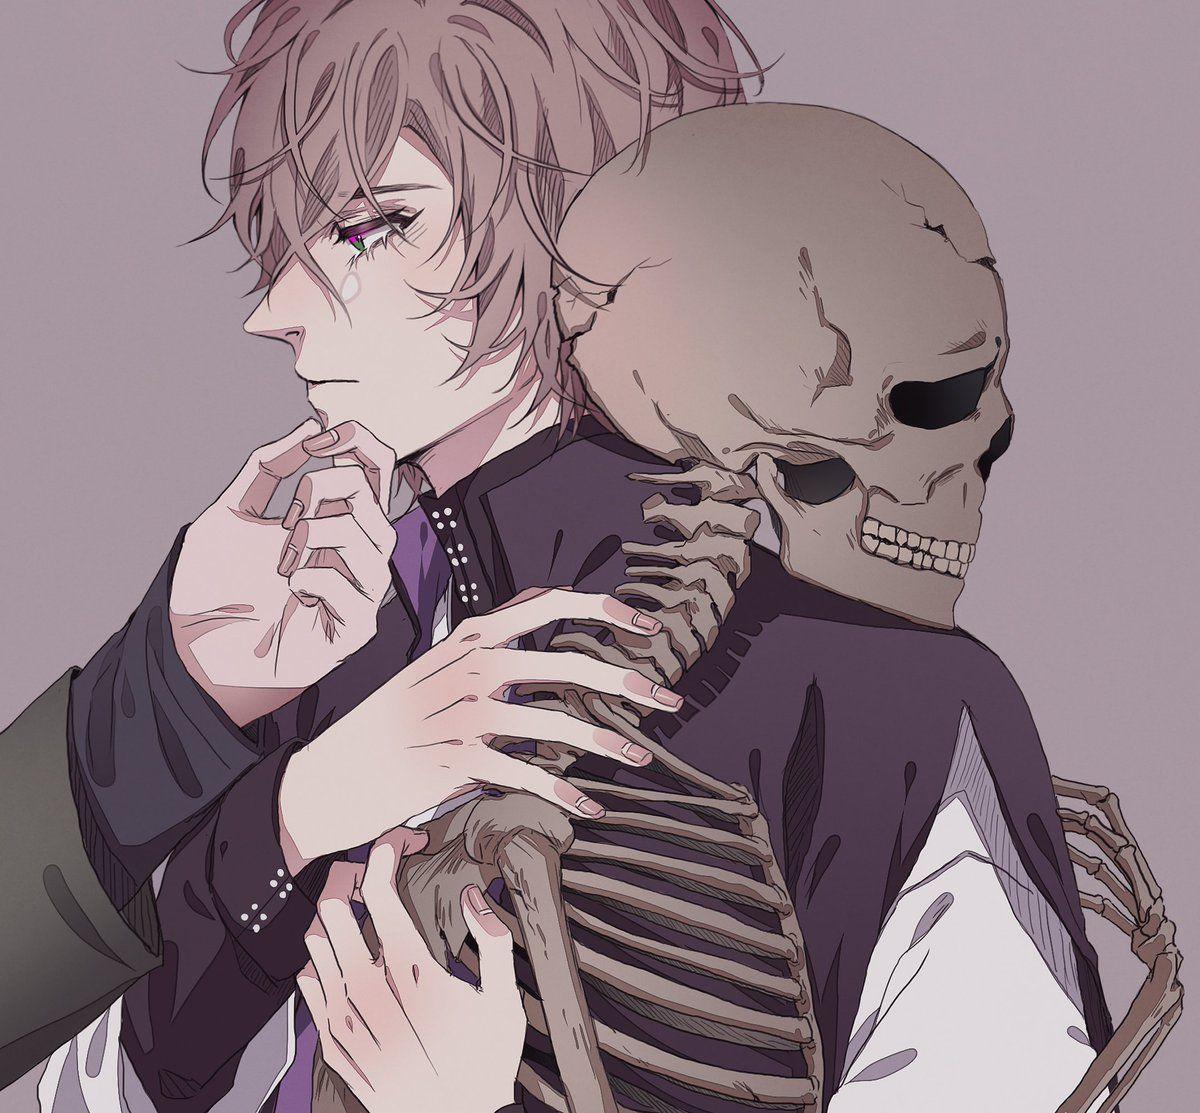 ュー on Anime art, Anime, Art